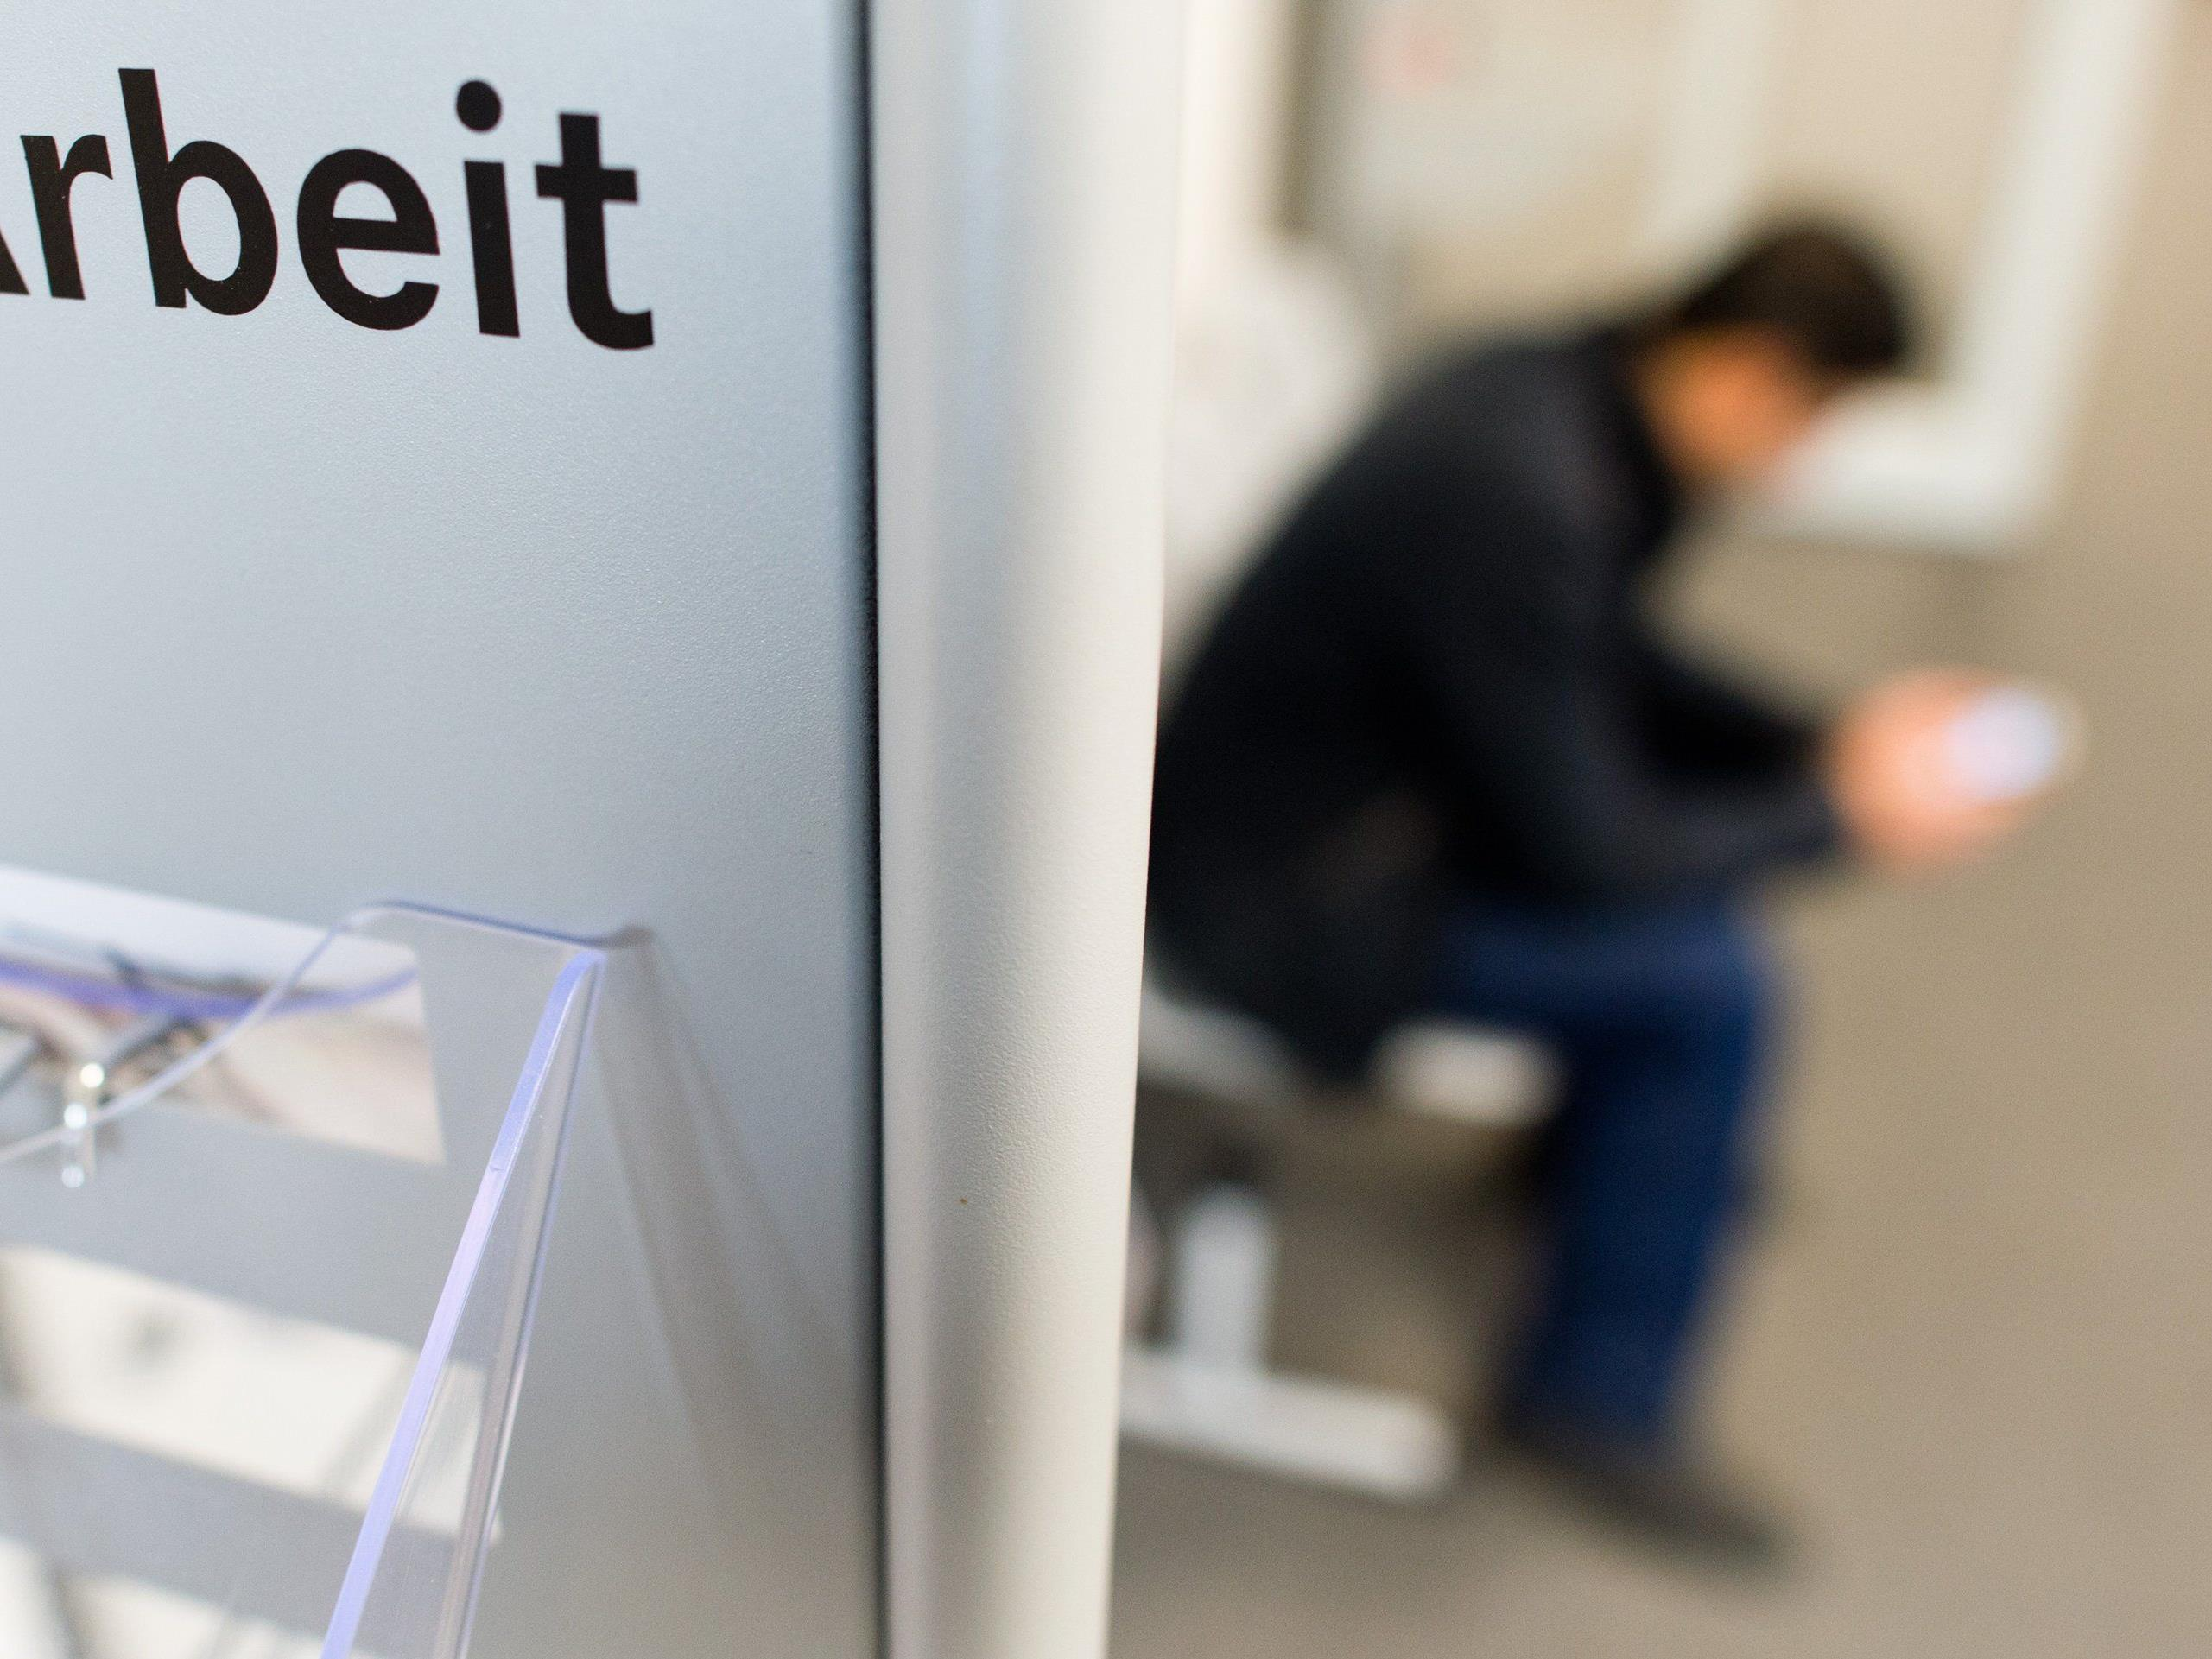 Regionale Arbeitslosigkeit 2014 - OÖ top, Kärnten und Wien schwach